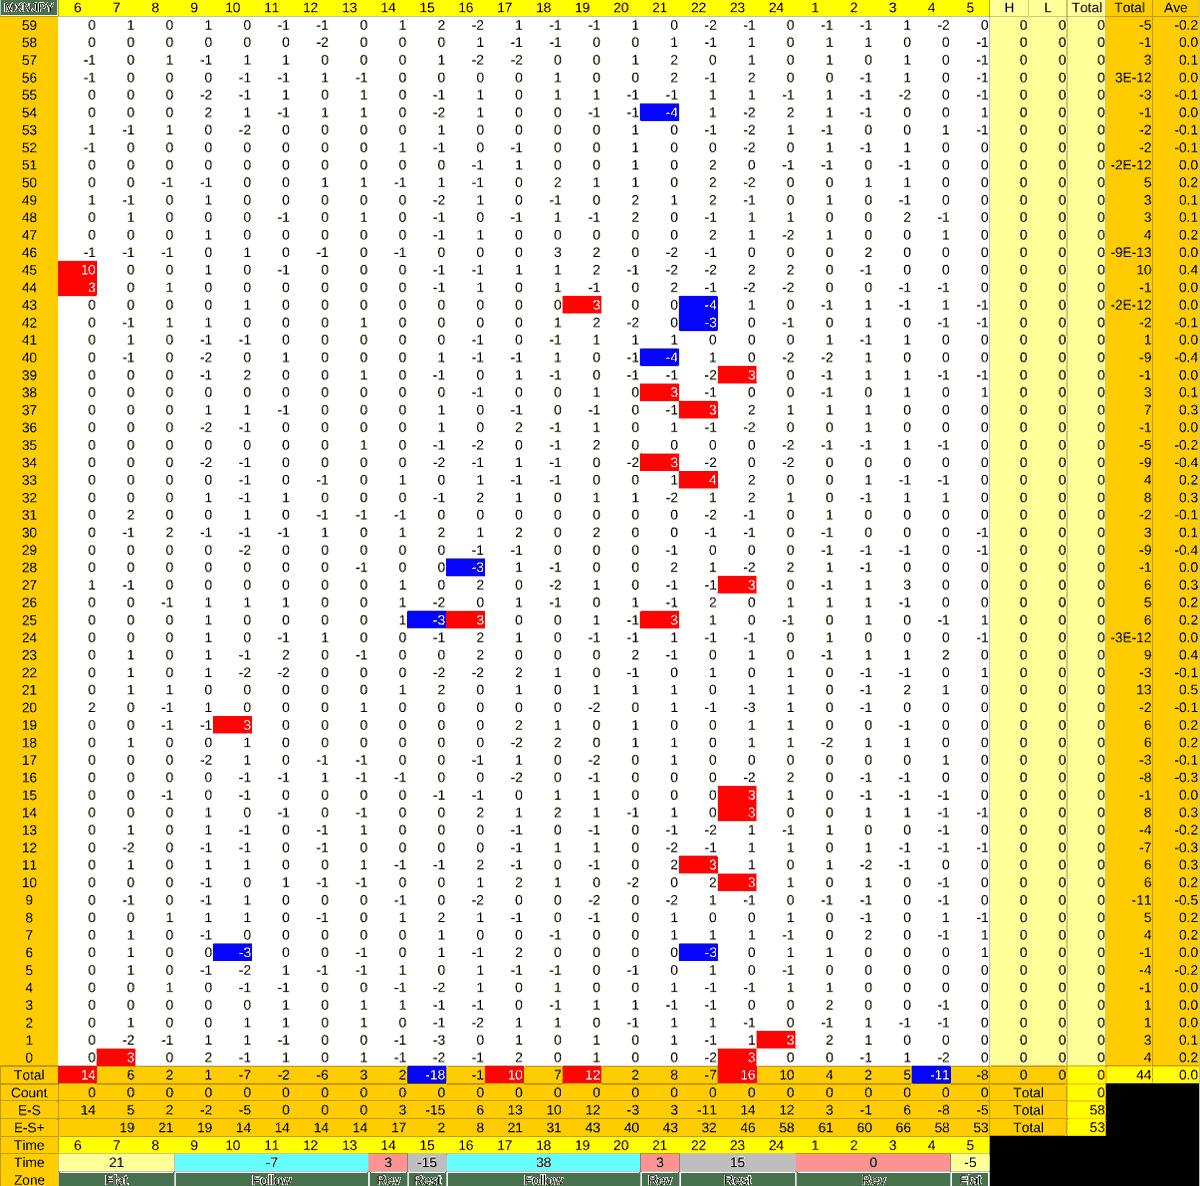 20211012_HS(3)MXNJPY-min